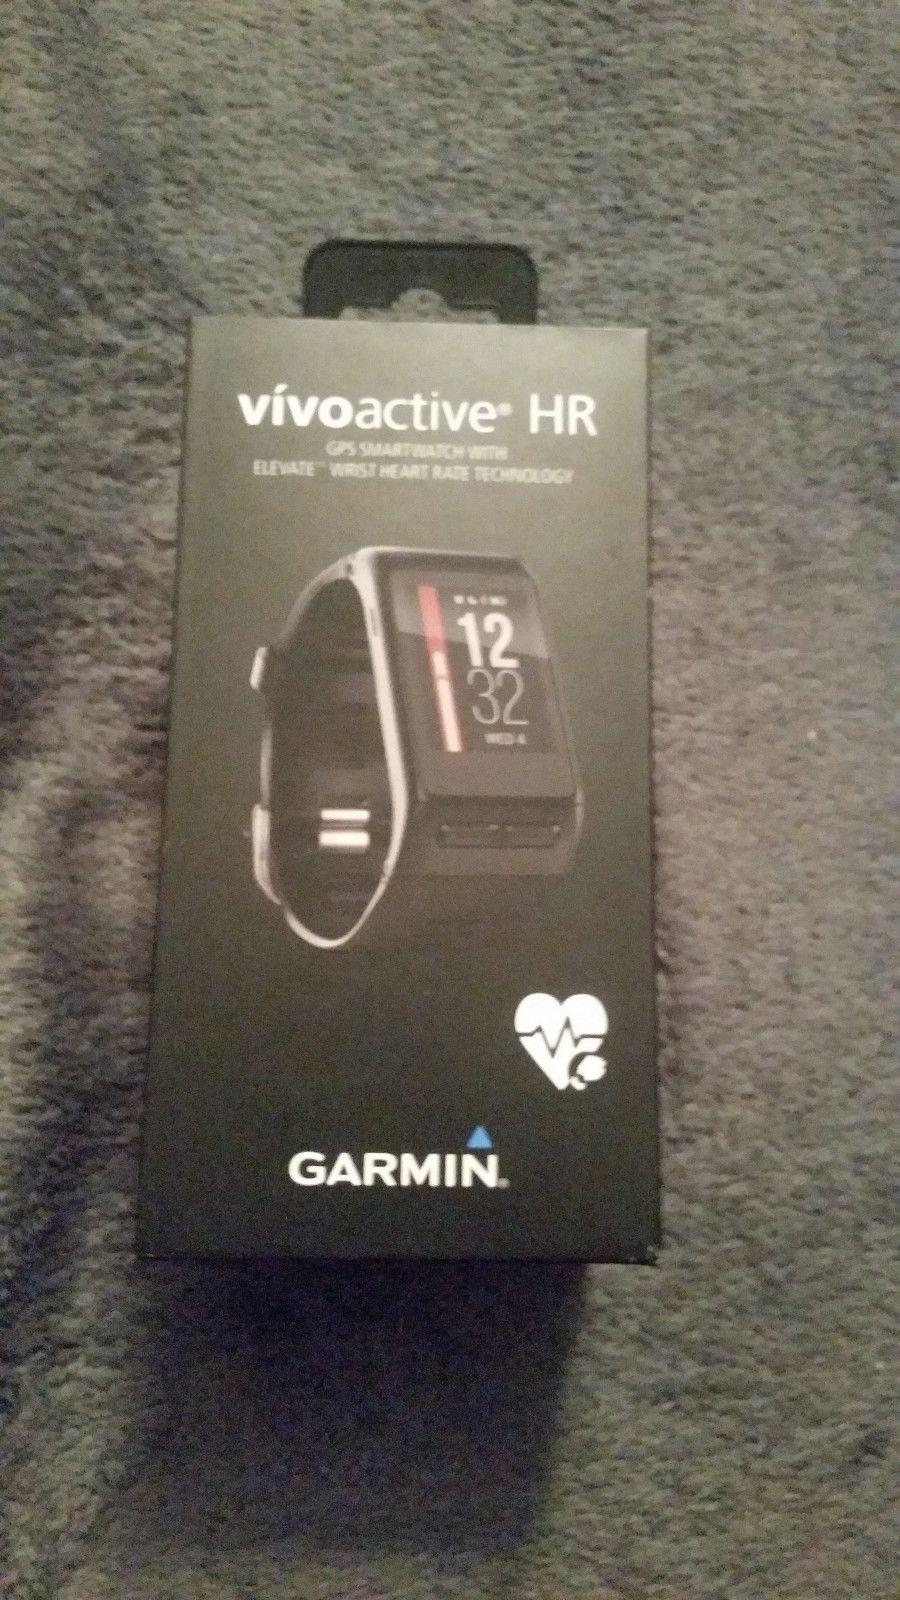 GARMIN Vivoactive HR Regular, Sport-GPS-Smartwatch mit Herzfrequenzmessung